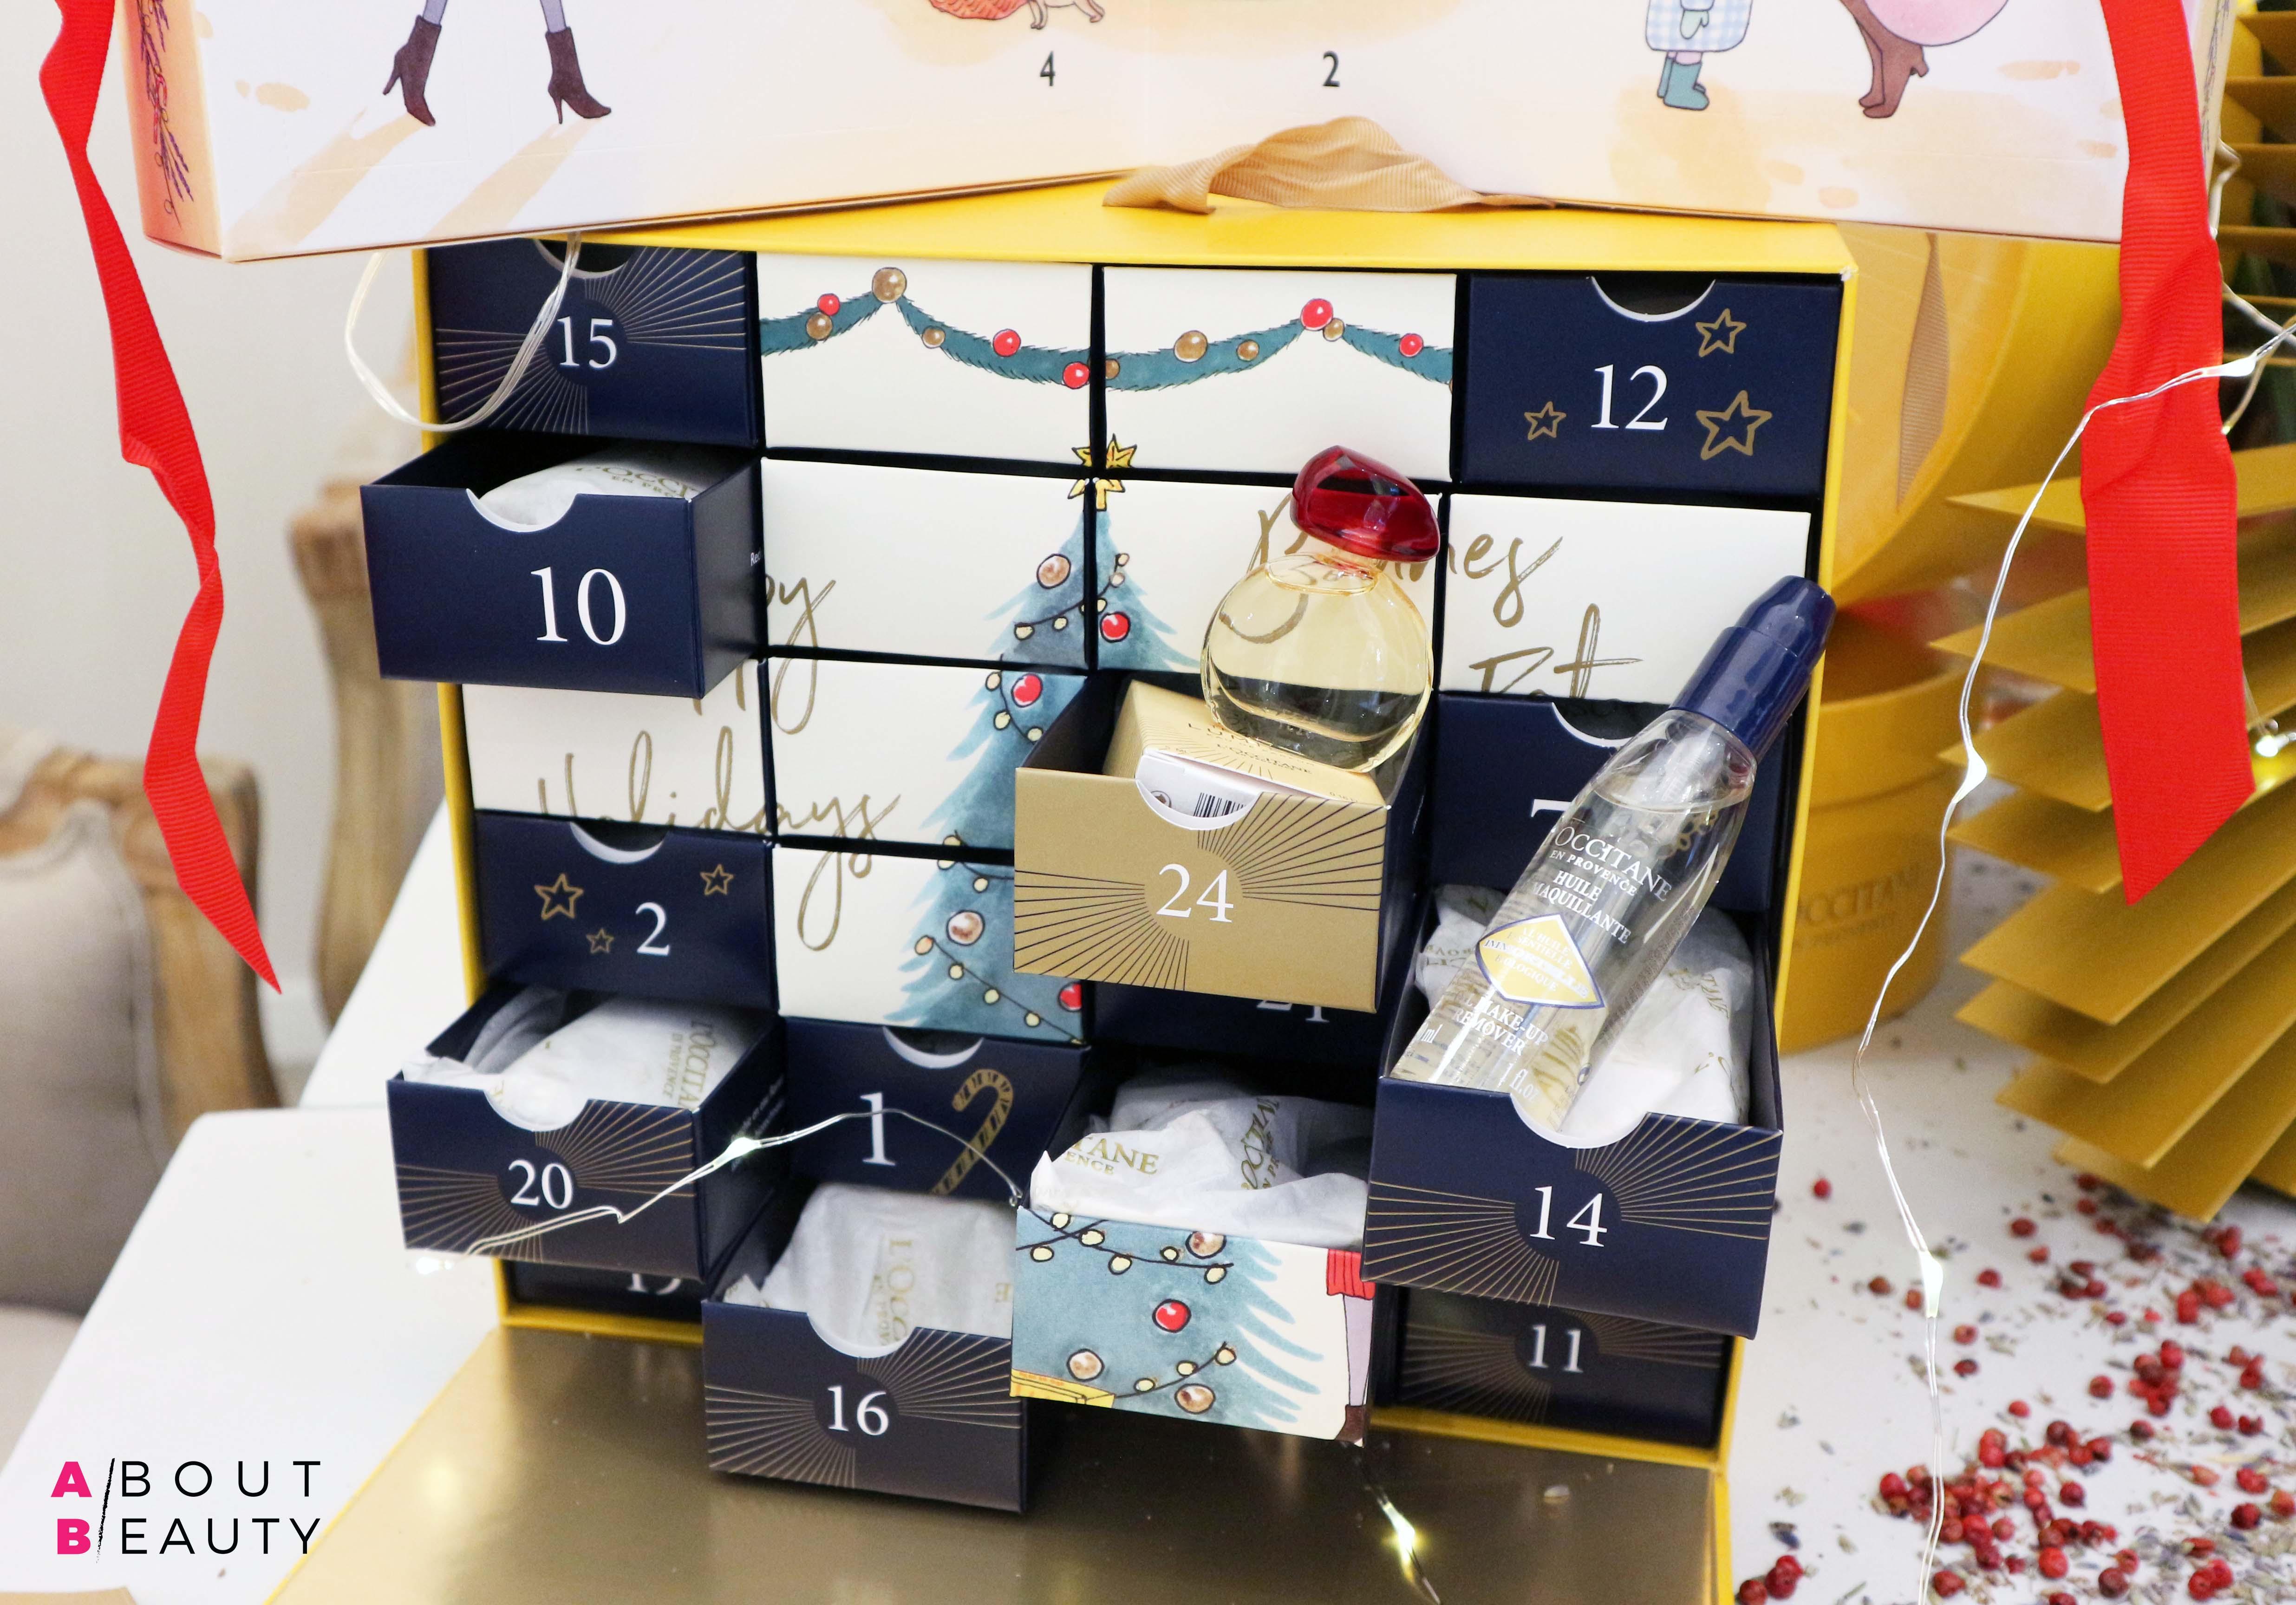 Il Natale L'Occitane 2017: tutte le novità - Calendario dell'avvento Premium - Info, foto, prezzi